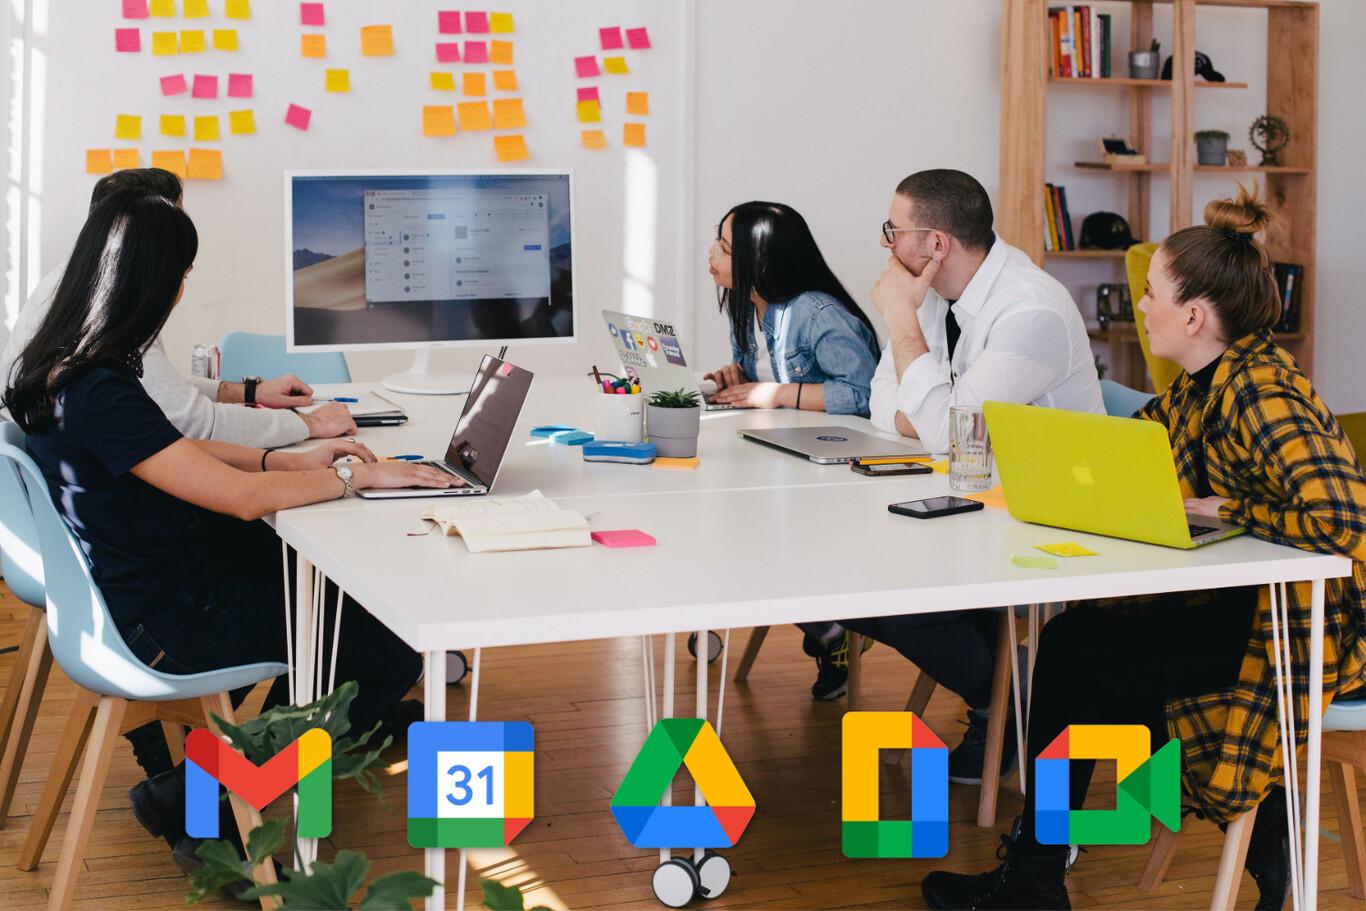 G Suite ahora es Google Workspace: así es el nuevo espacio de trabajo integrado con GMail, Docs y Meet para empresas